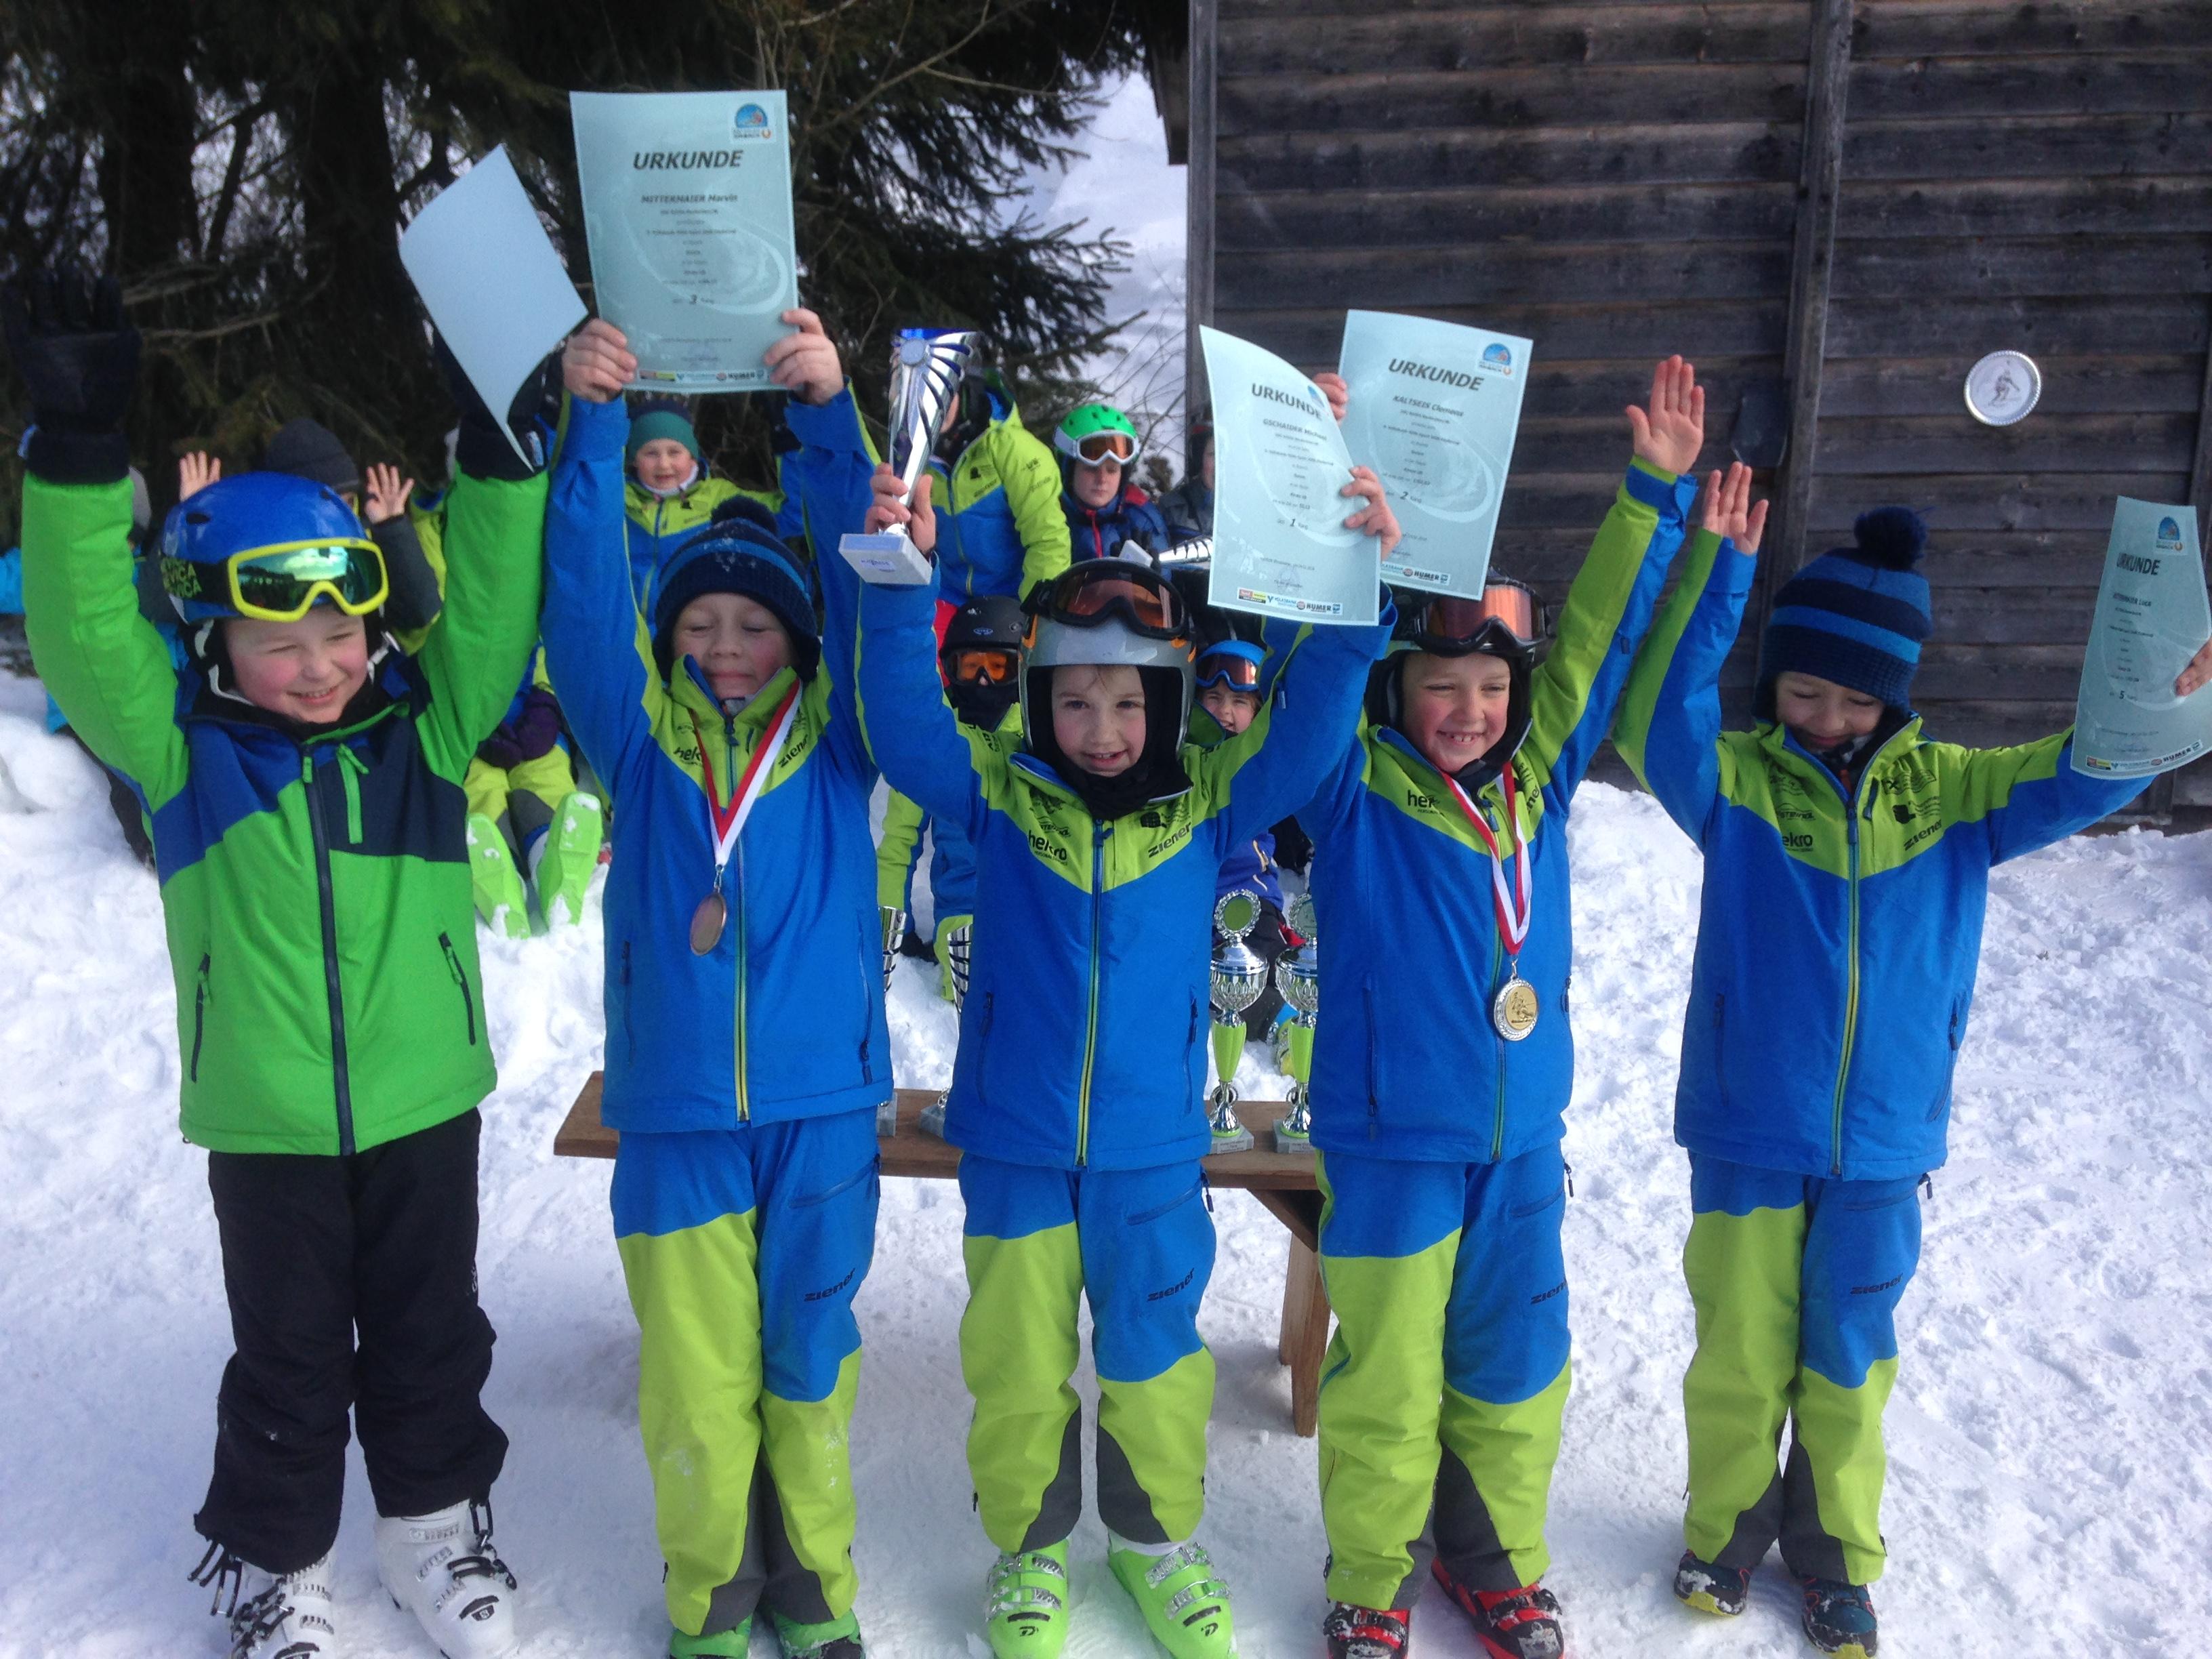 Tolle Abschlusserfolge bei den letzten Kindercuprennen